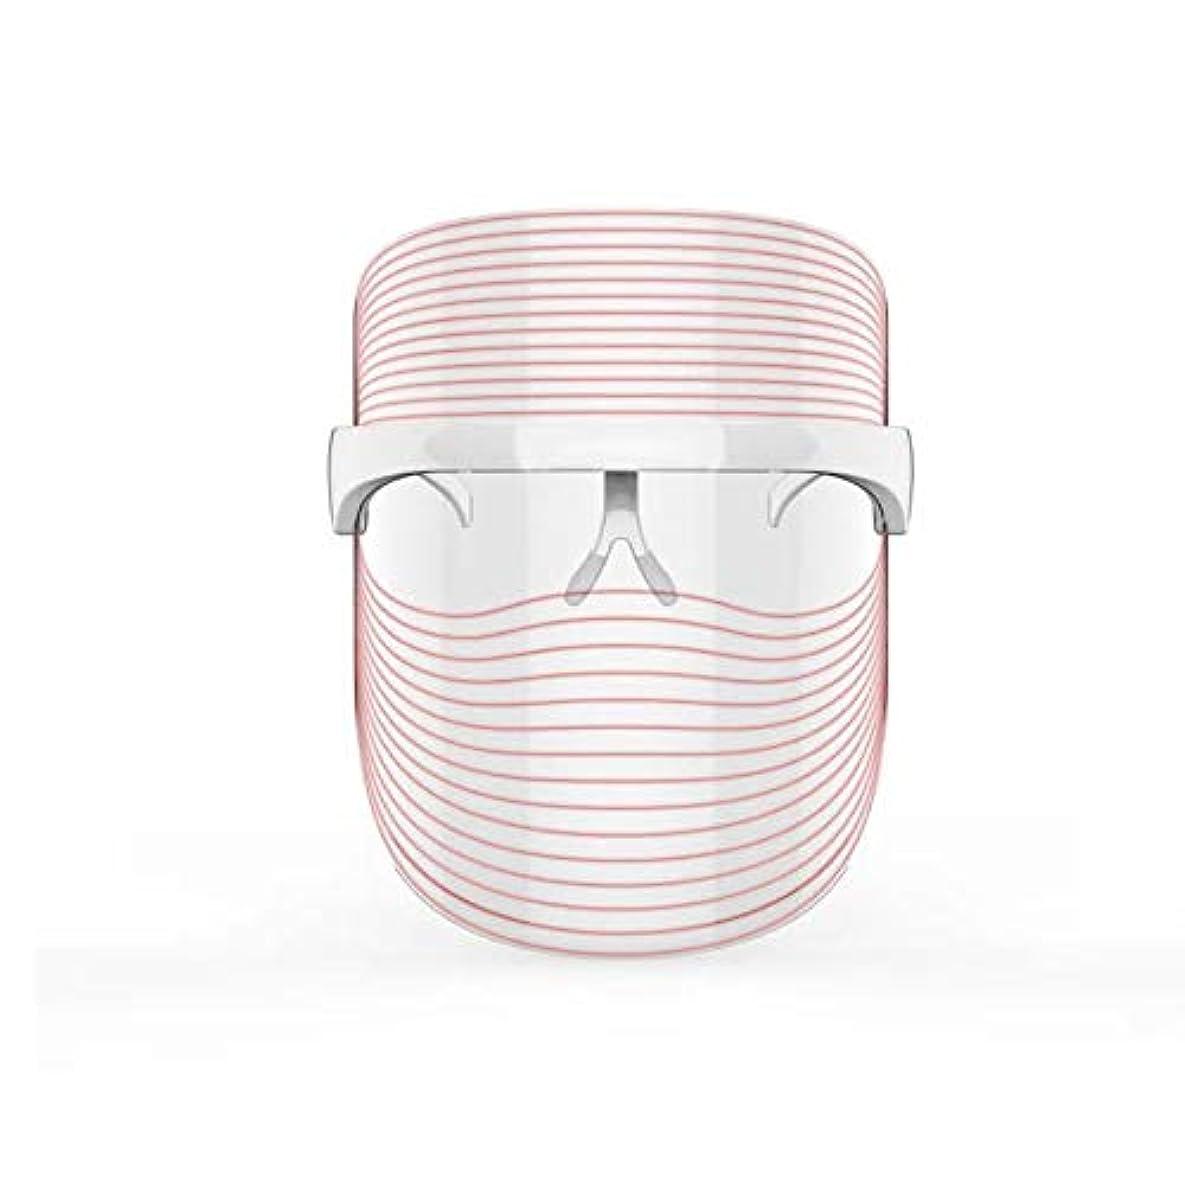 高原チェス補充3色LEDマスクフェイス&ネックネオン白熱LEDフェイスマスク電動フェイシャルスキンケアフェイススキンビューティー